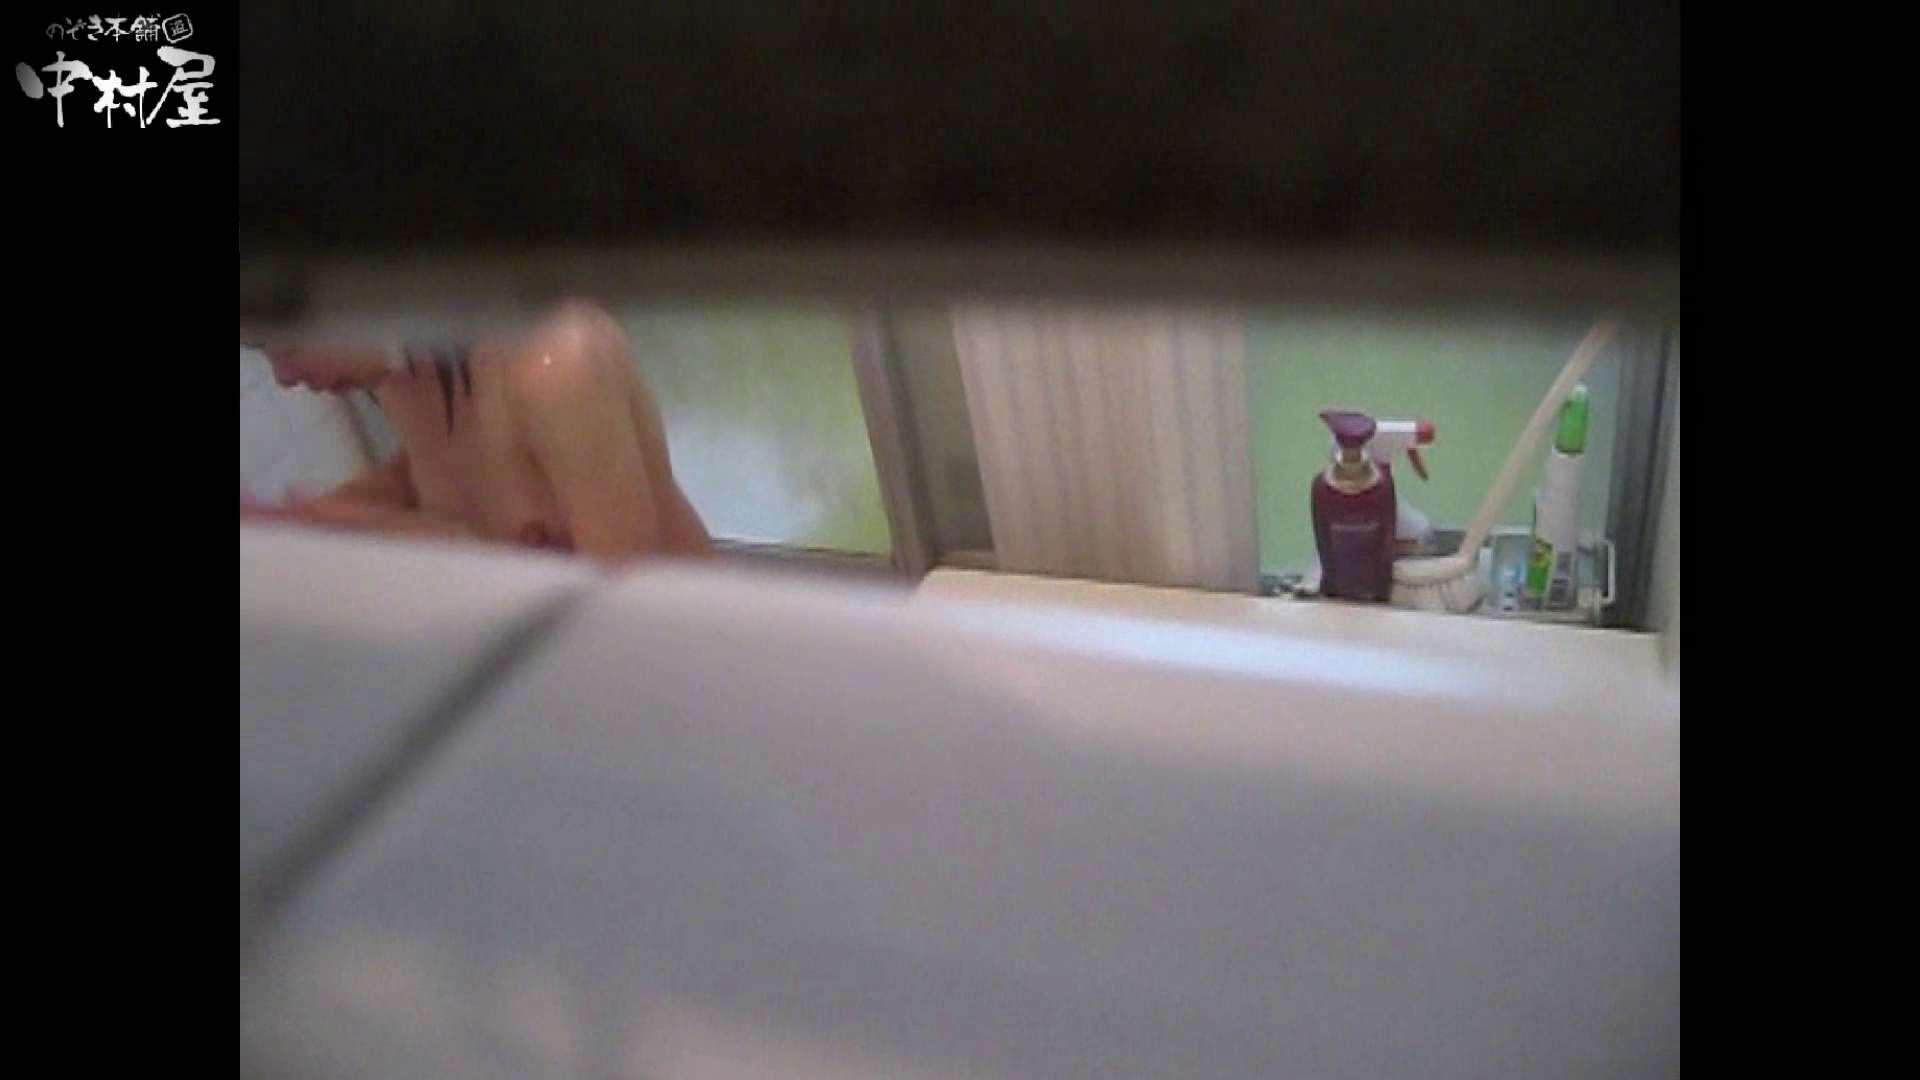 民家風呂専門盗撮師の超危険映像 vol.014 エッチな盗撮 AV動画キャプチャ 96pic 35